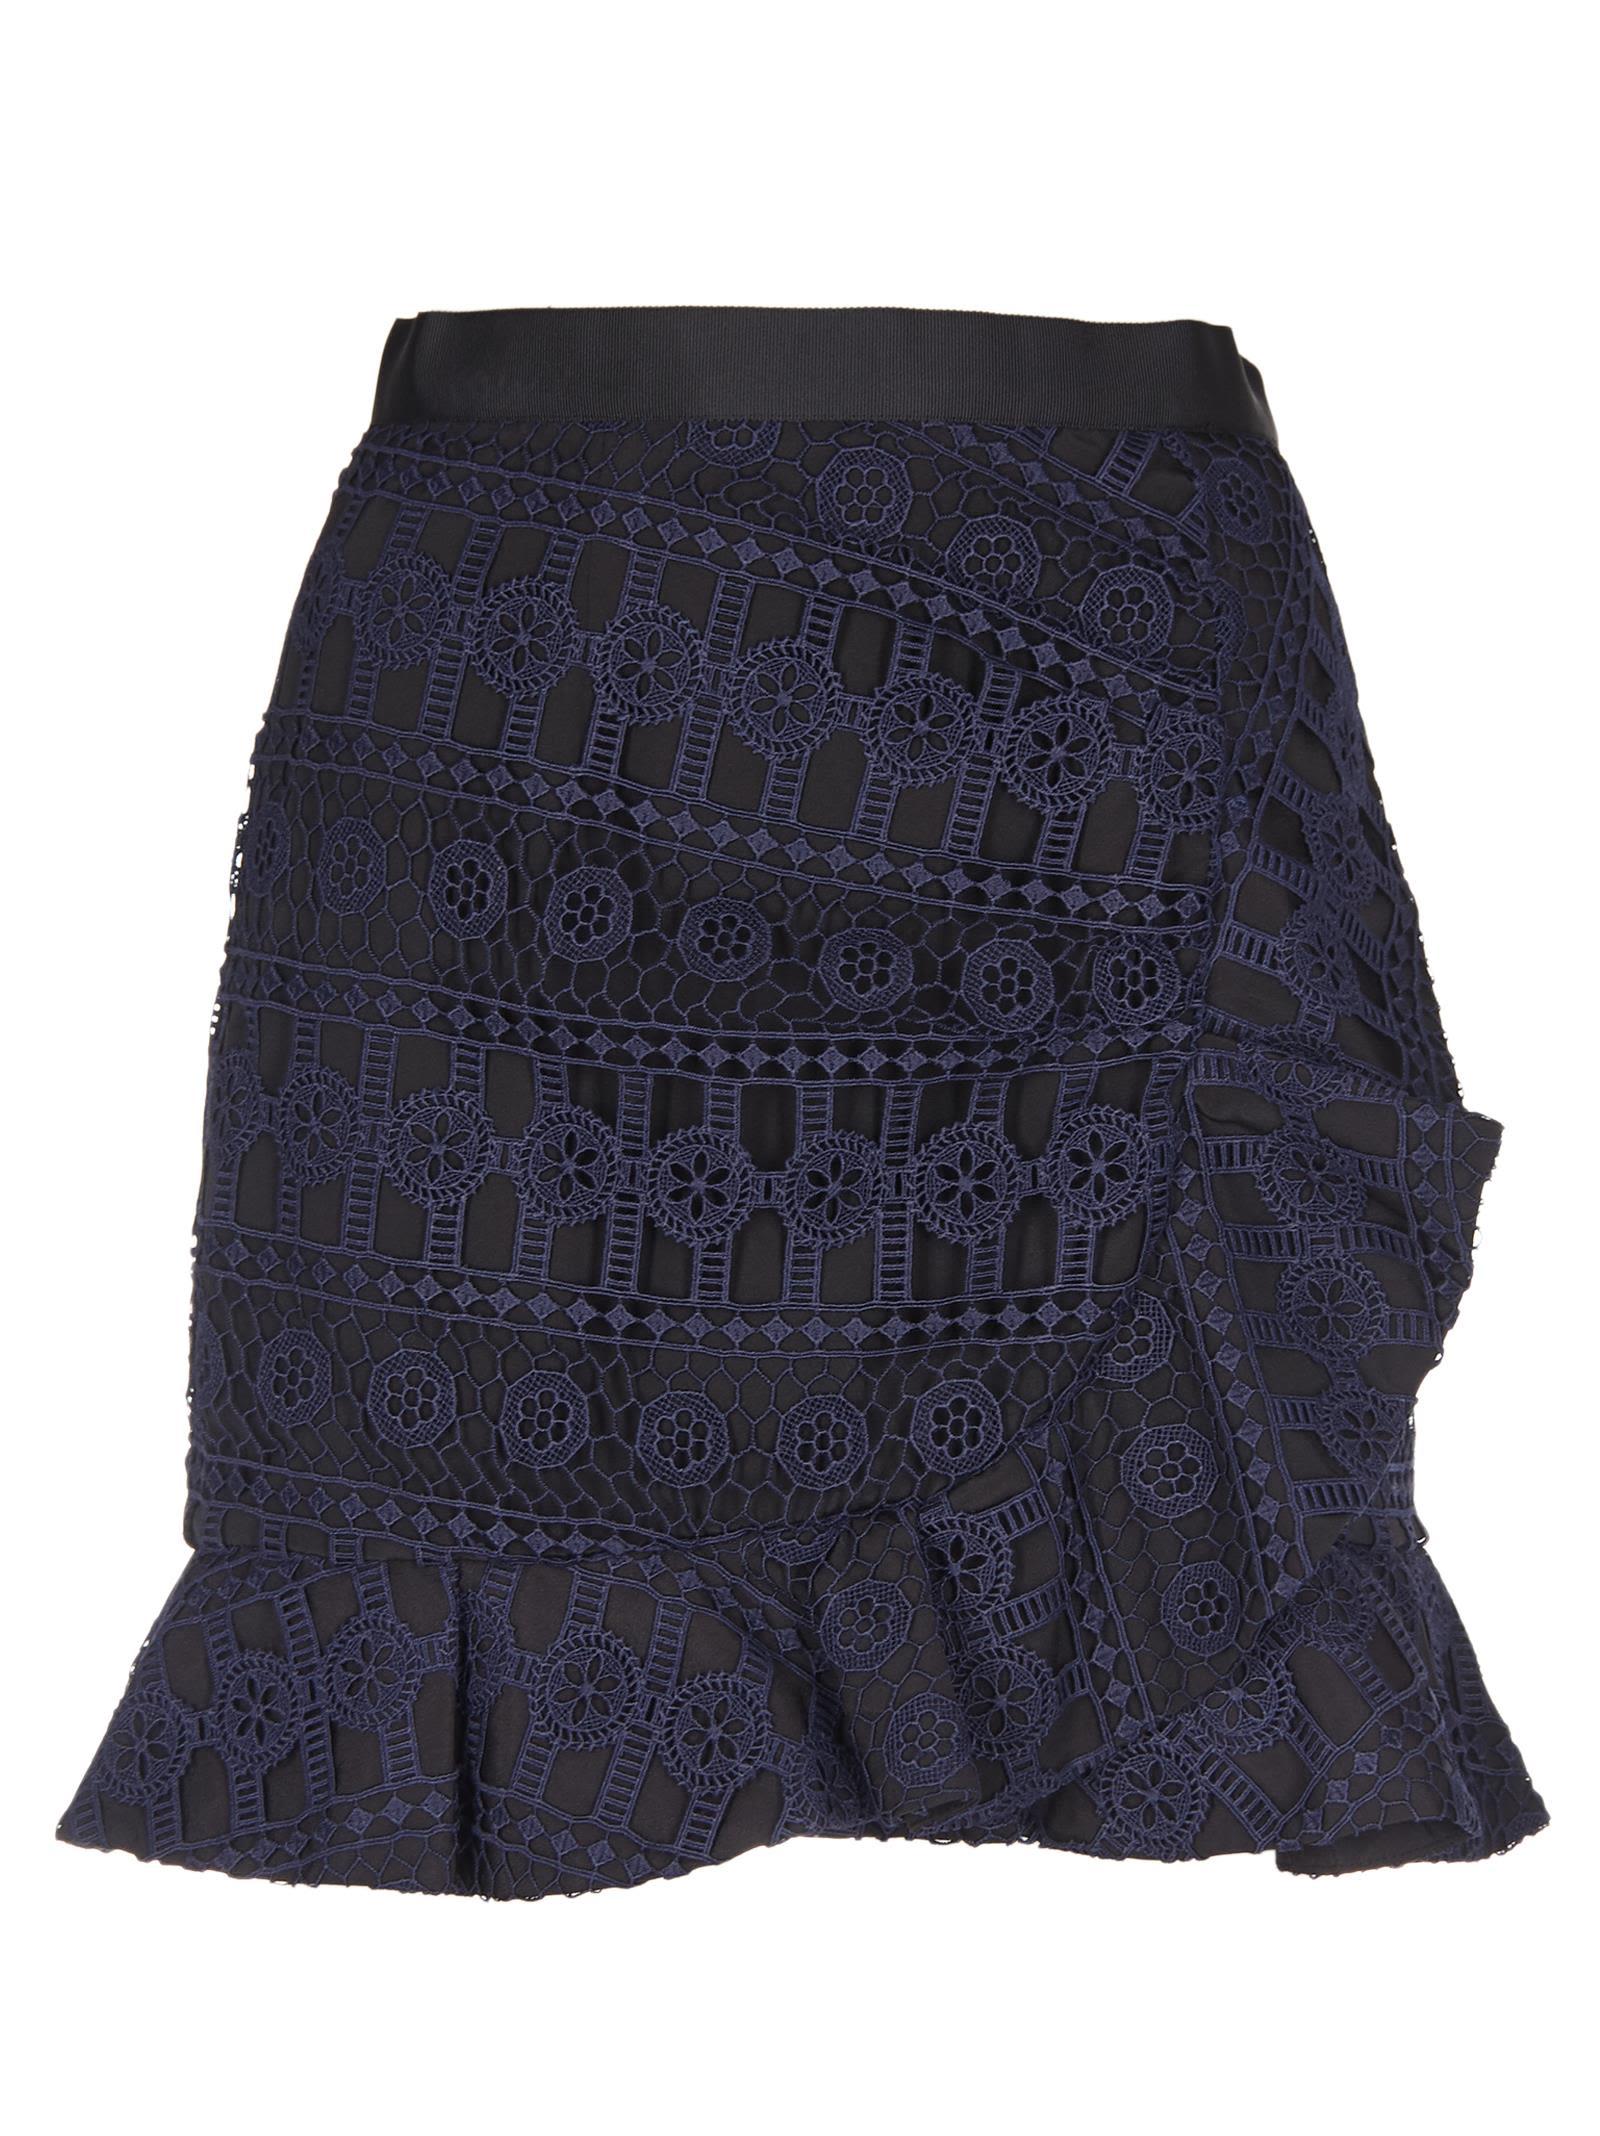 Self-portrait Lace Frill Mini Skirt